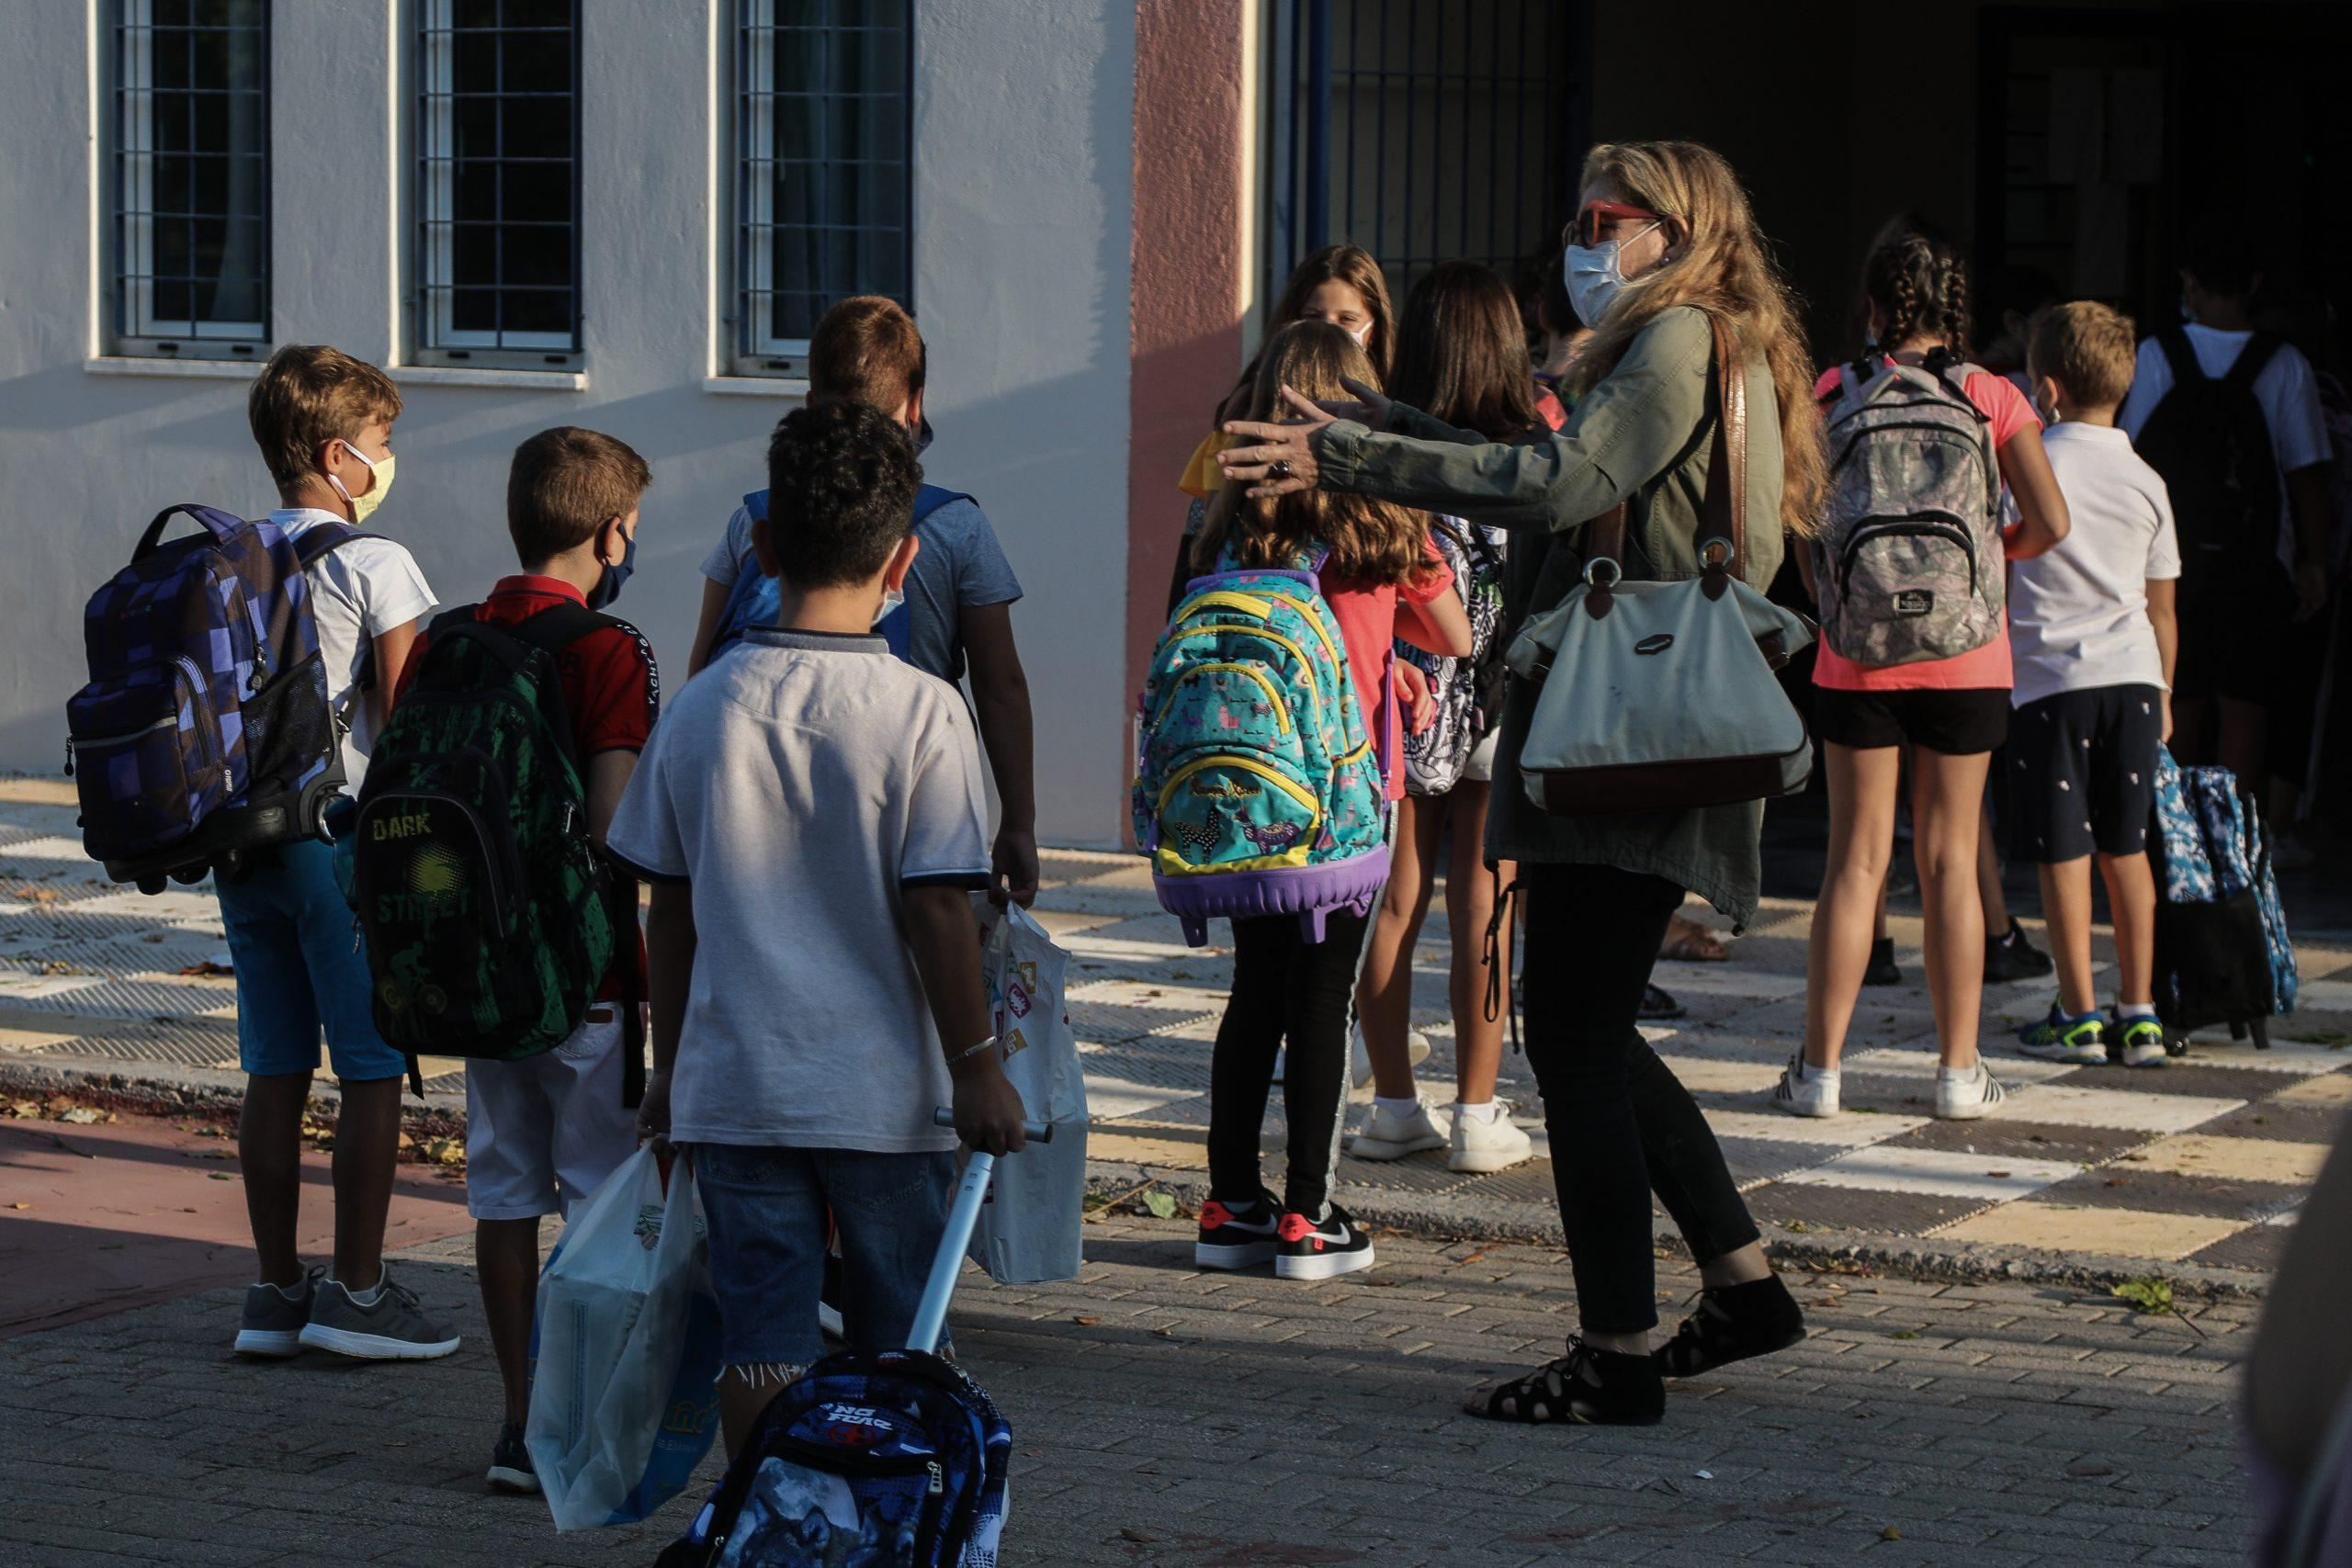 Ματίνα Παγώνη –  Πρόταση για συνεργεία εμβολιασμού έξω από τα σχολεία